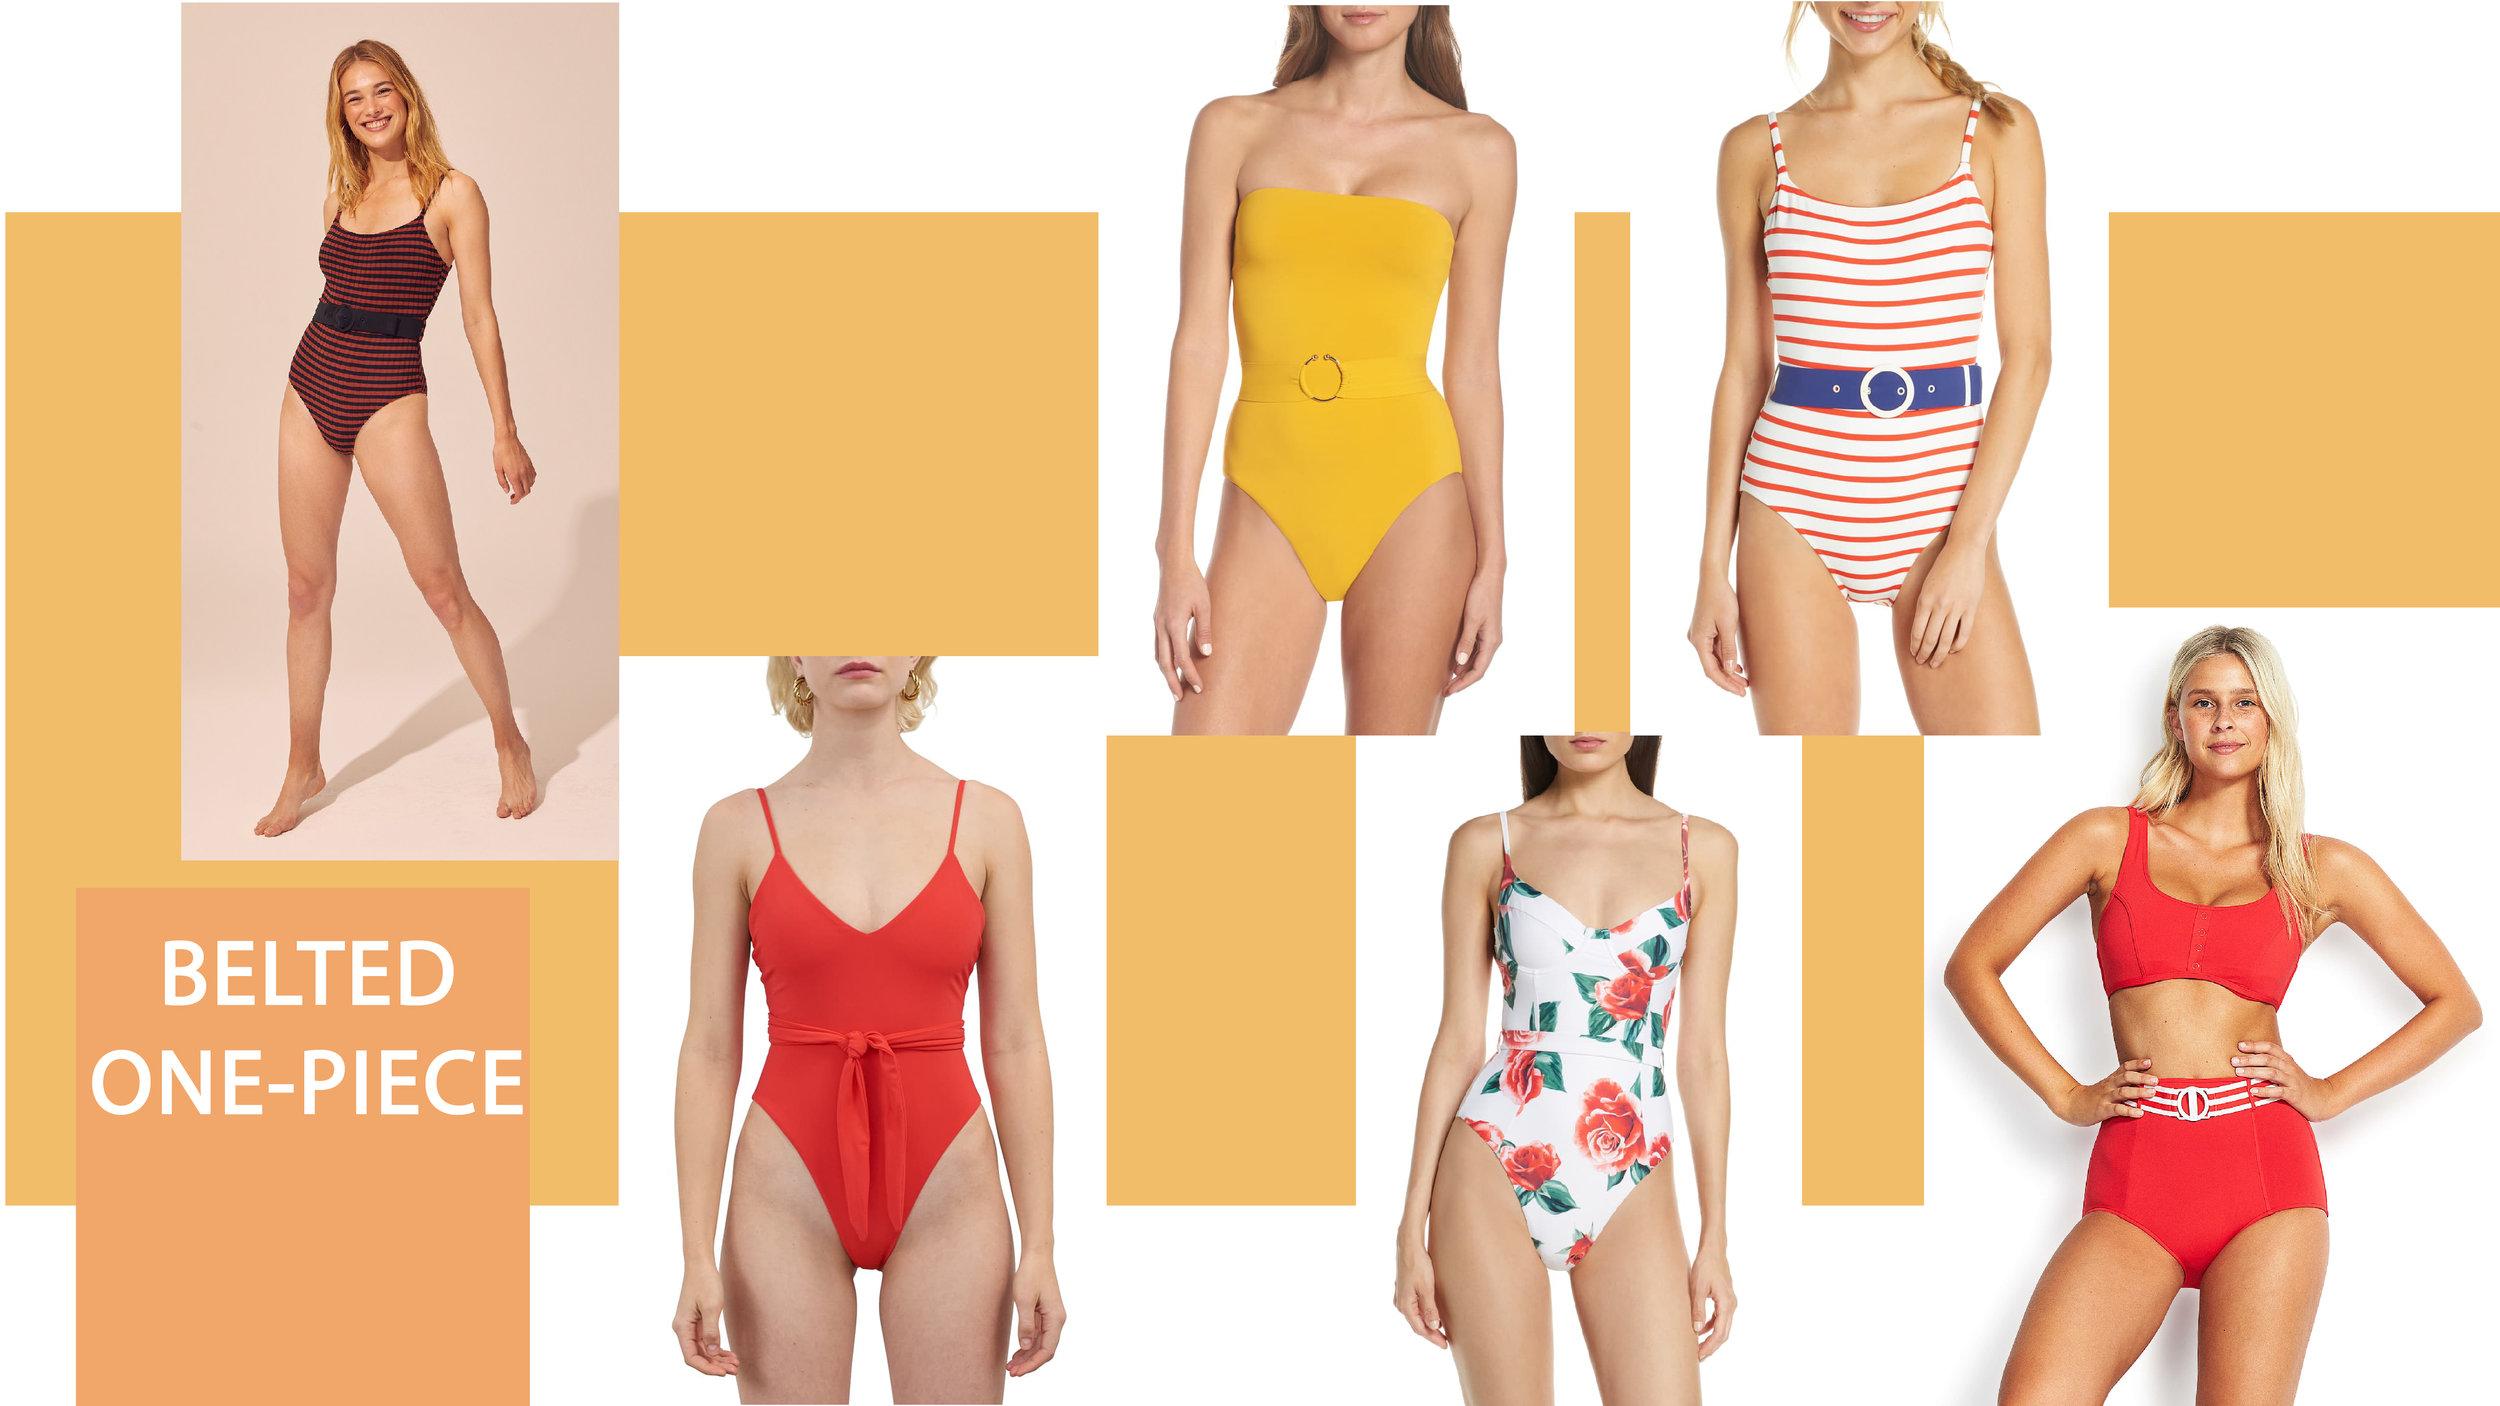 swimwear trends 2019 belted one piece swimsuits.jpg